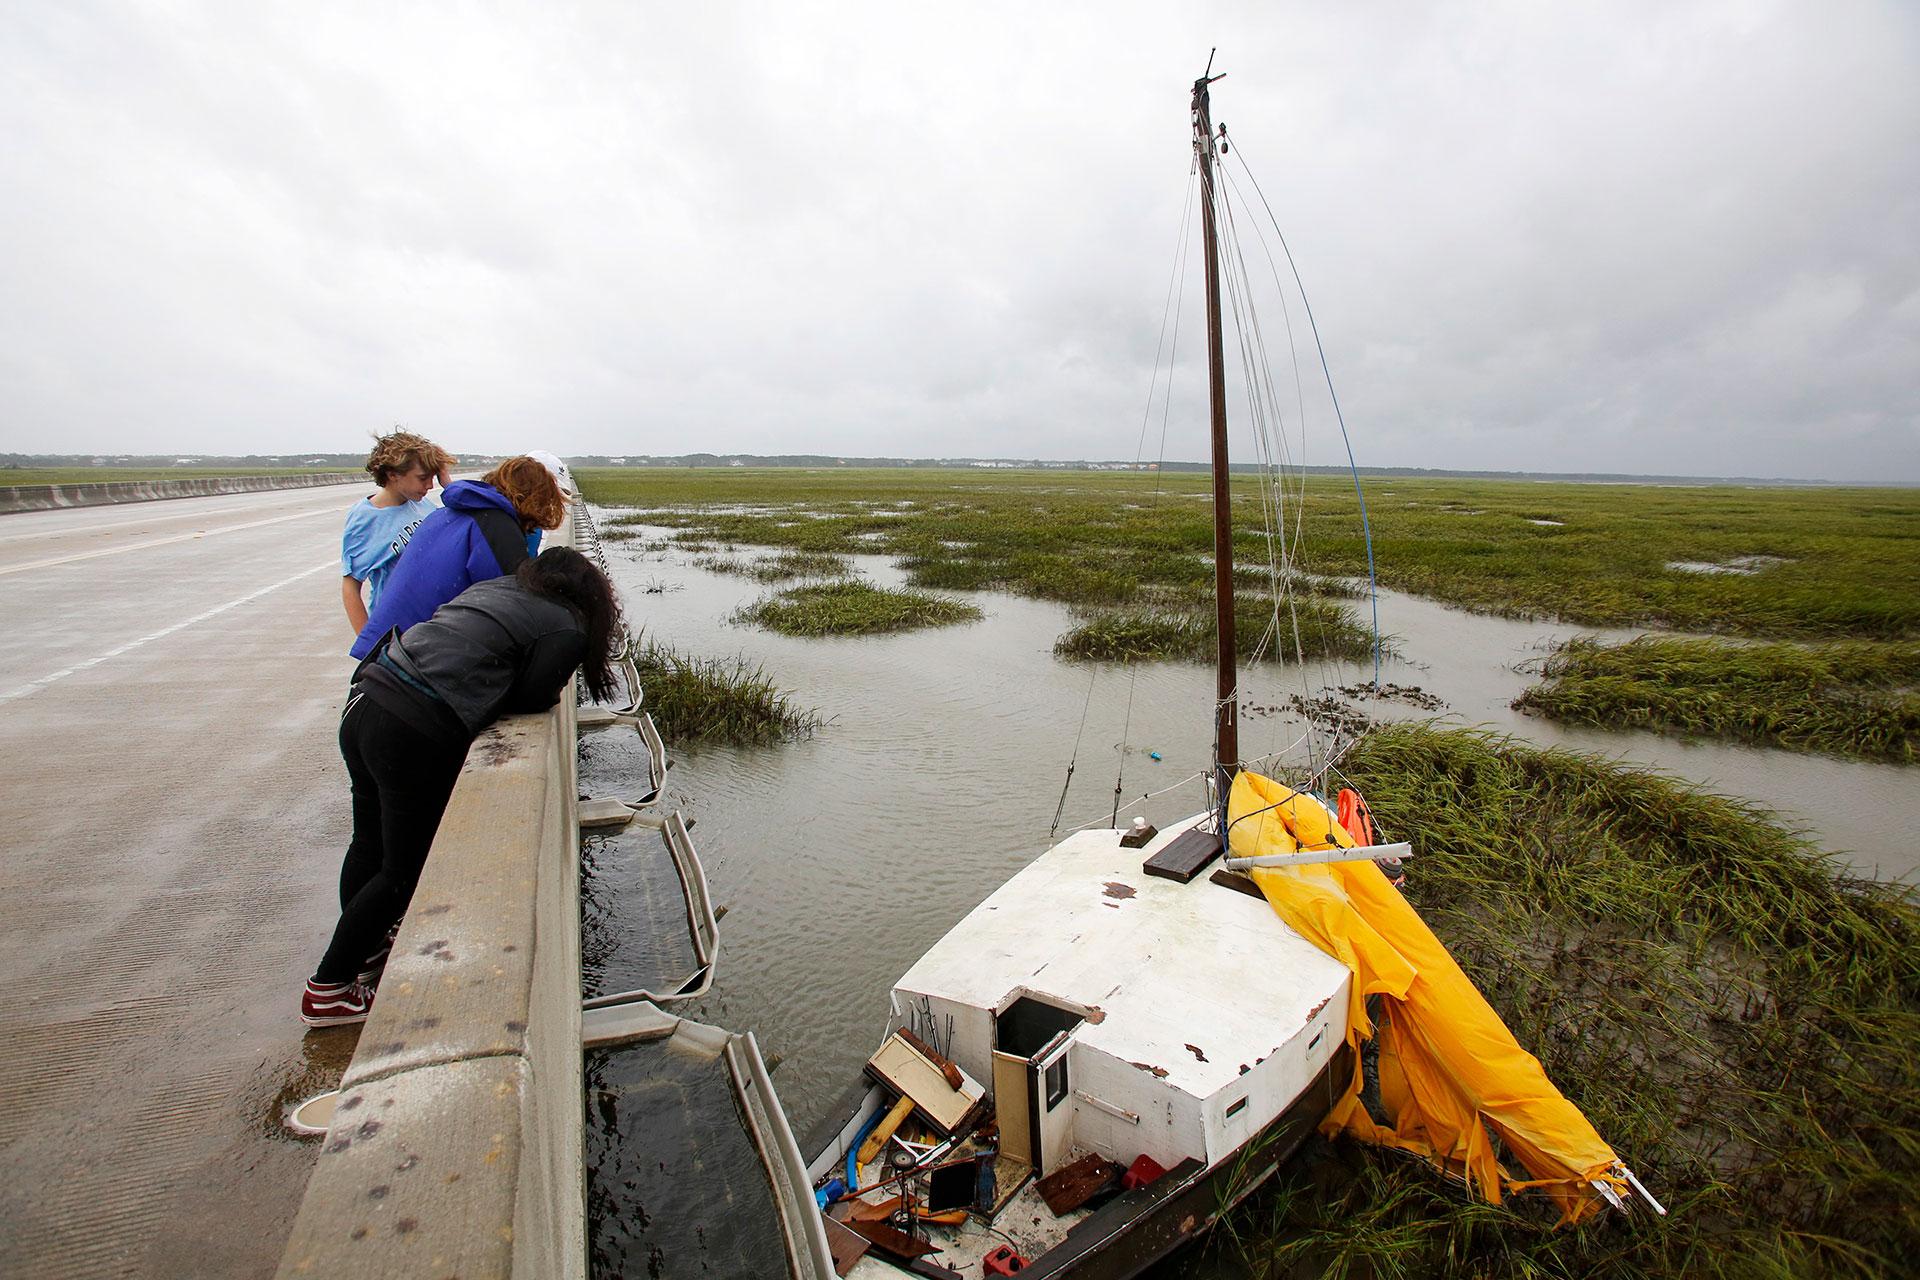 El huracán dejó destrozos en su paso por Carolina del Sur (AP)